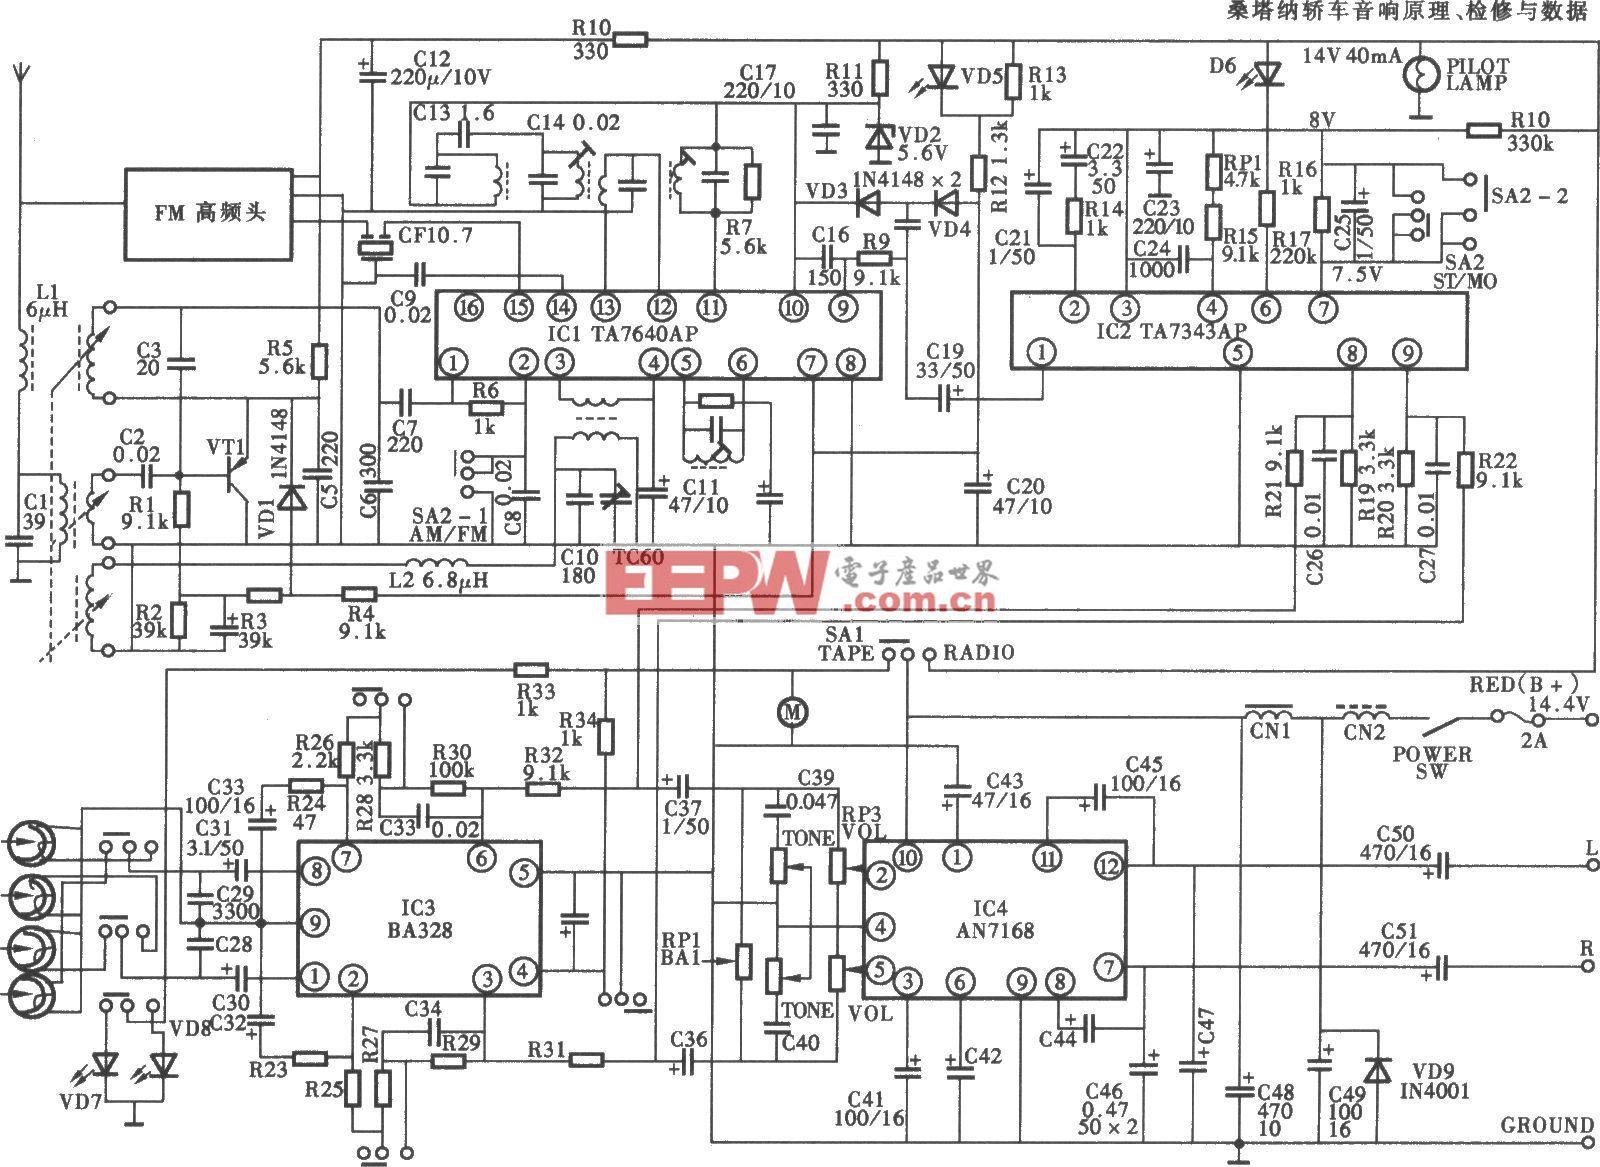 天宝牌TB-860型汽车音响电路